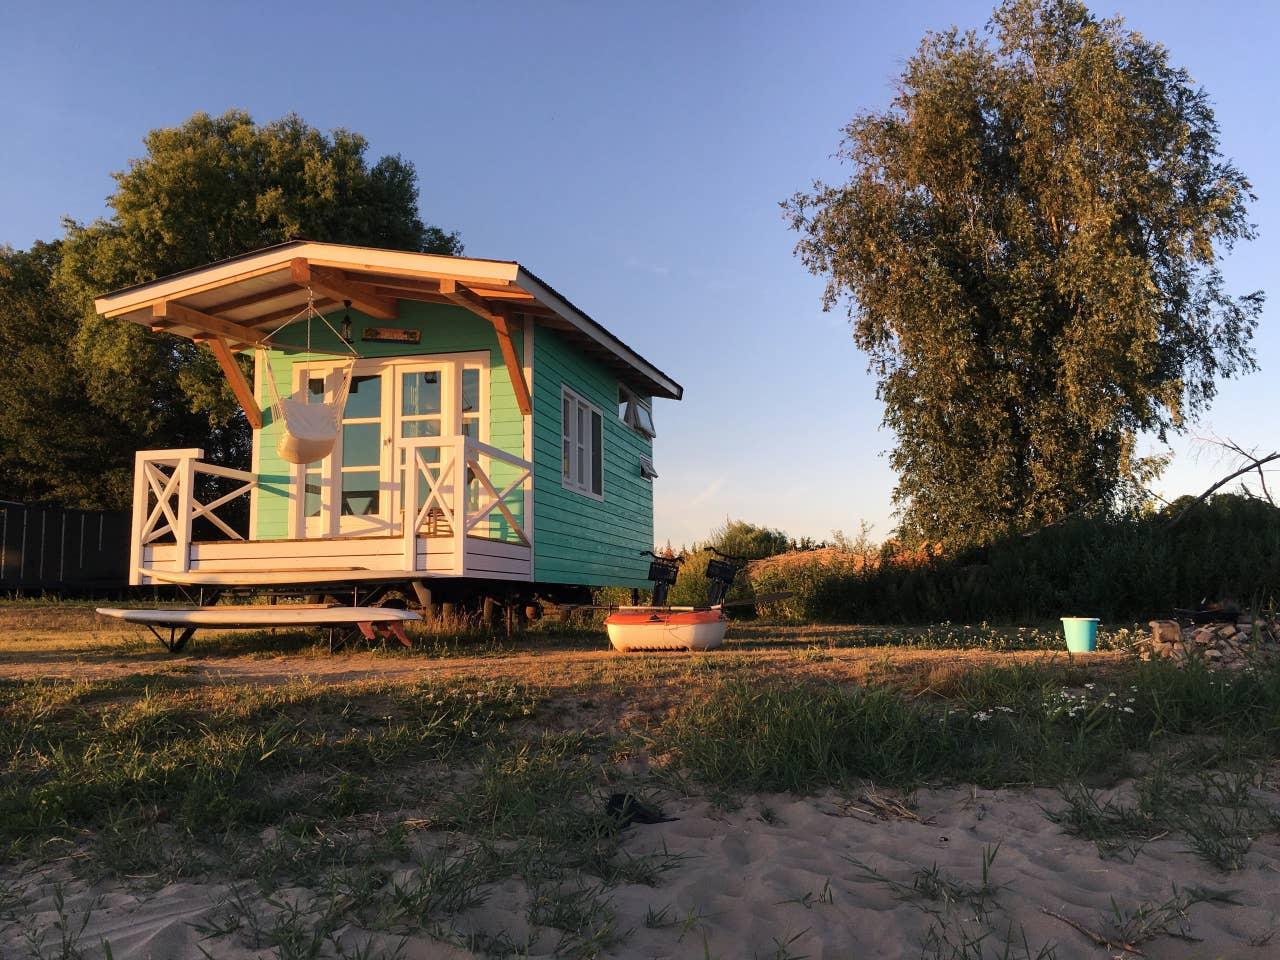 vakantiehuisje huren aan strand